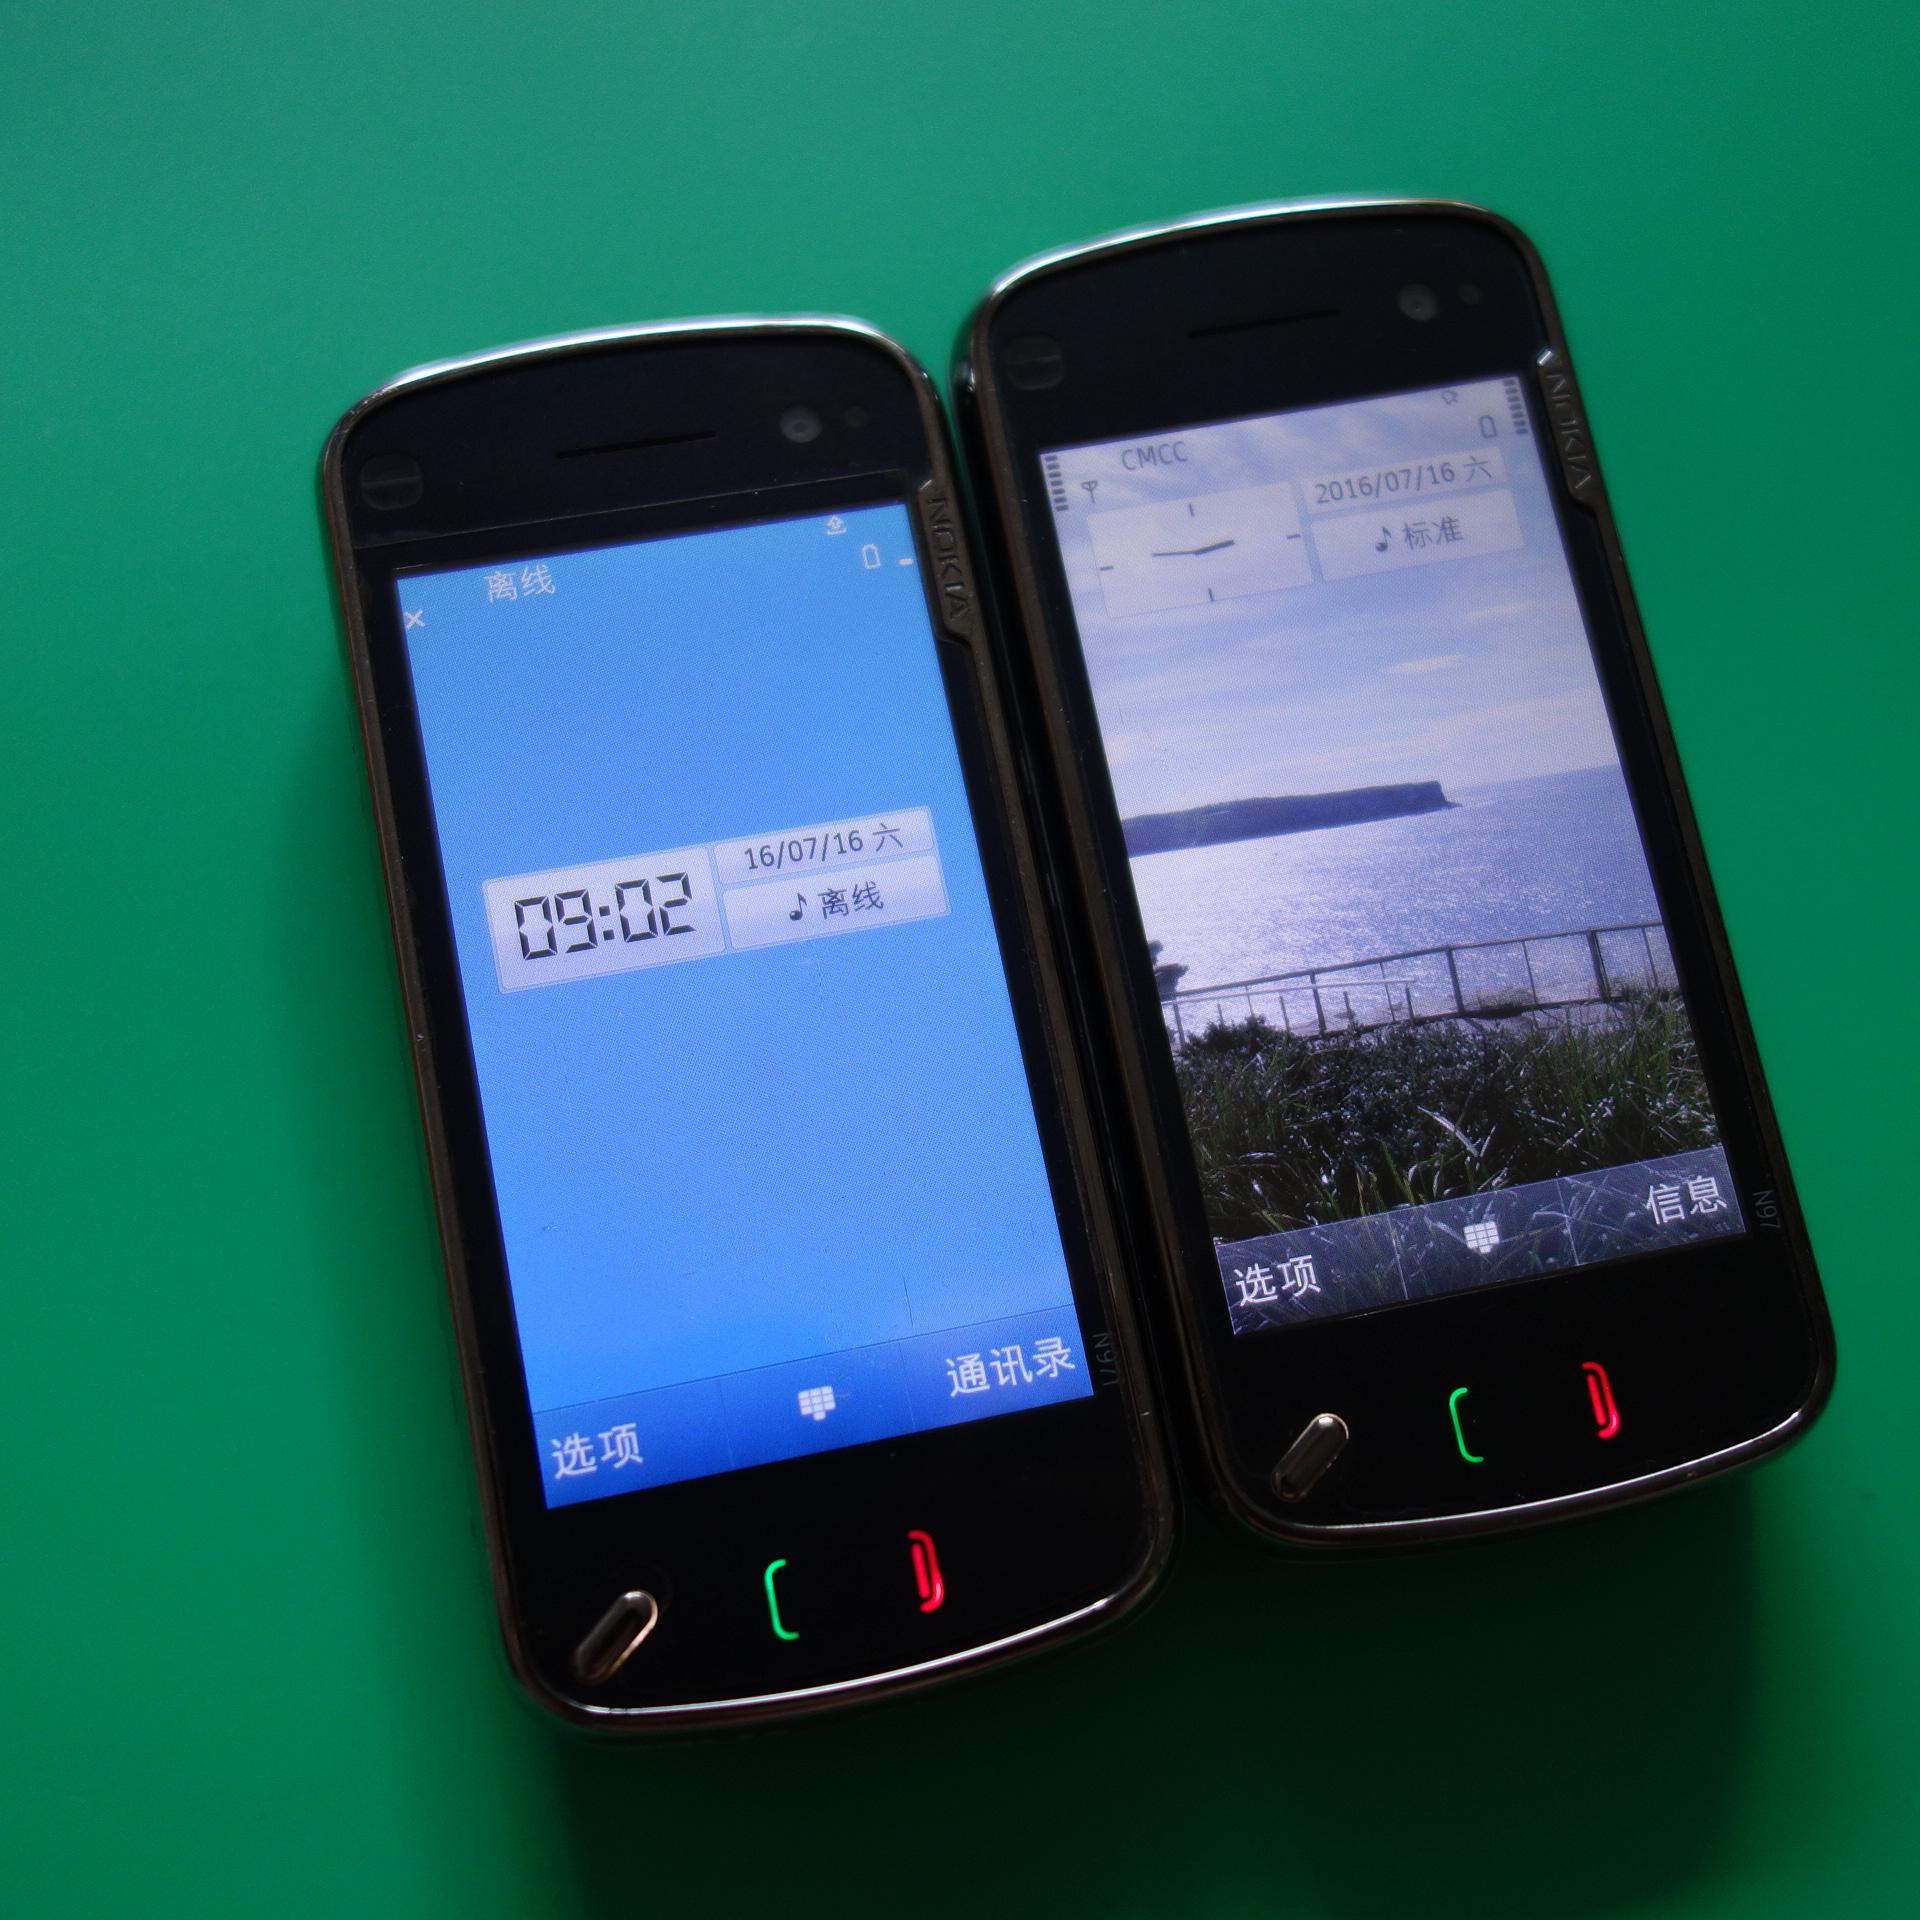 原装Nokia/诺基亚N97二手诺基亚N97手机诺基亚经典手机侧滑全键盘